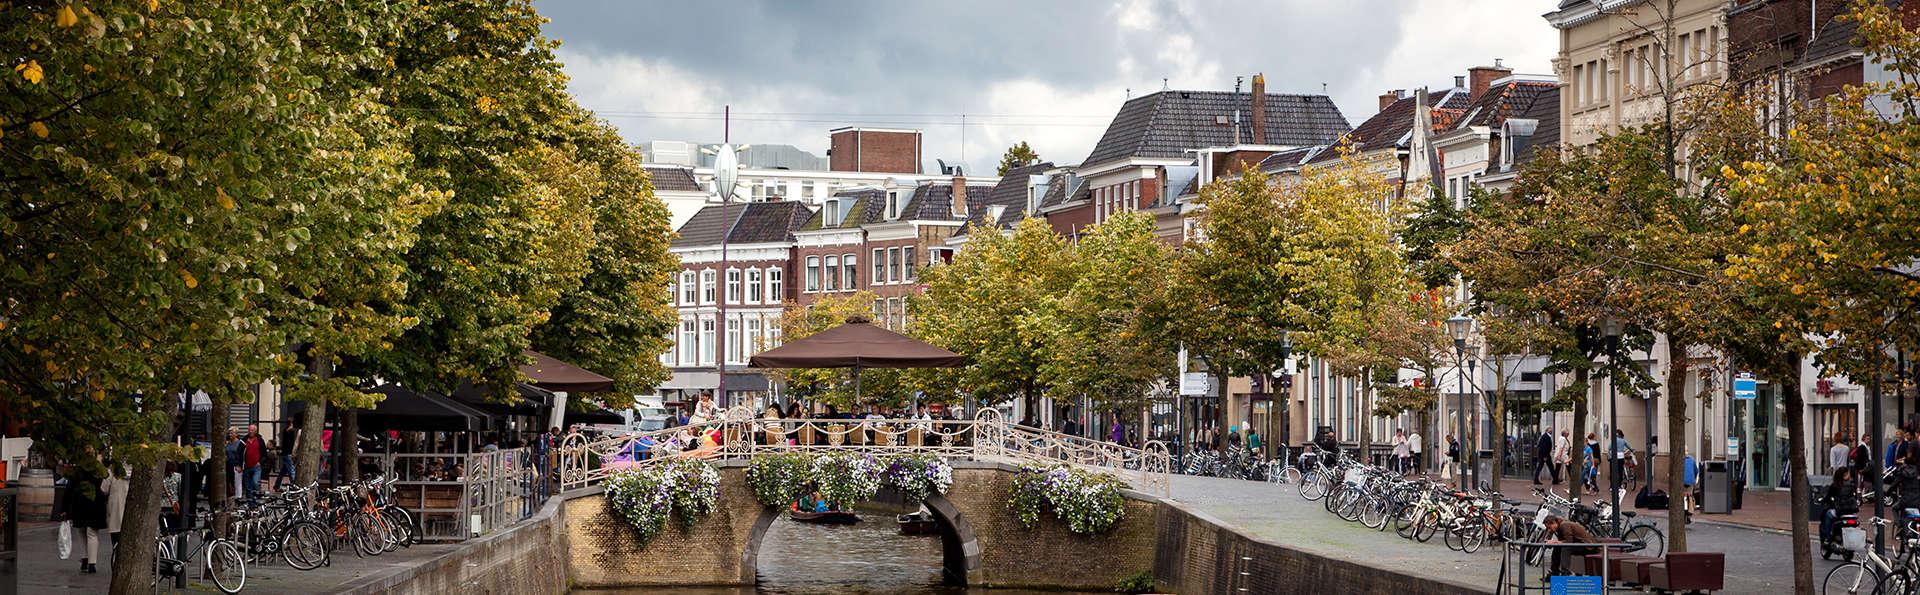 Oranje Hotel Leeuwarden - Edit_Leeuwarden2.jpg